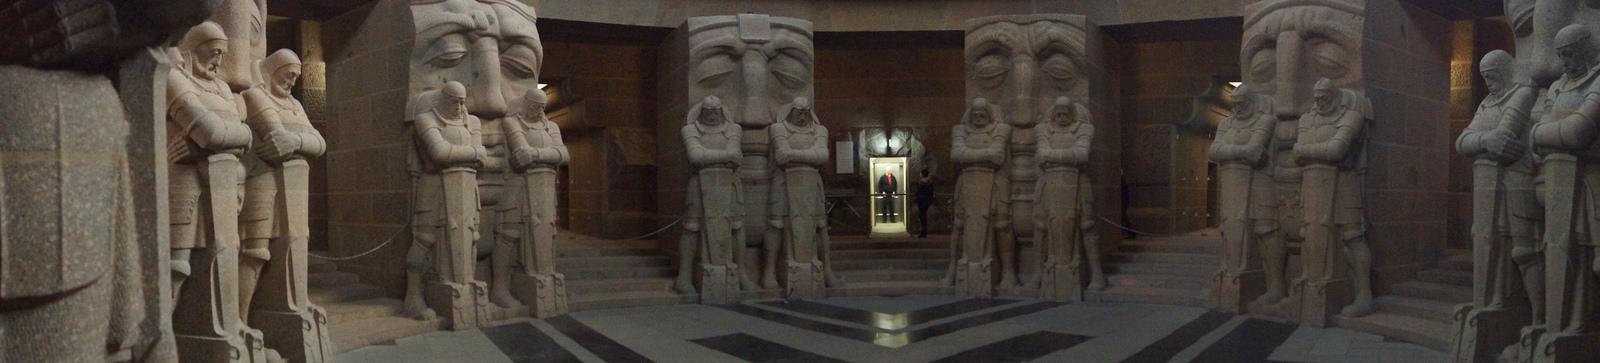 O Monumento à Batalha das Nações : O maior monumento da Europa 15